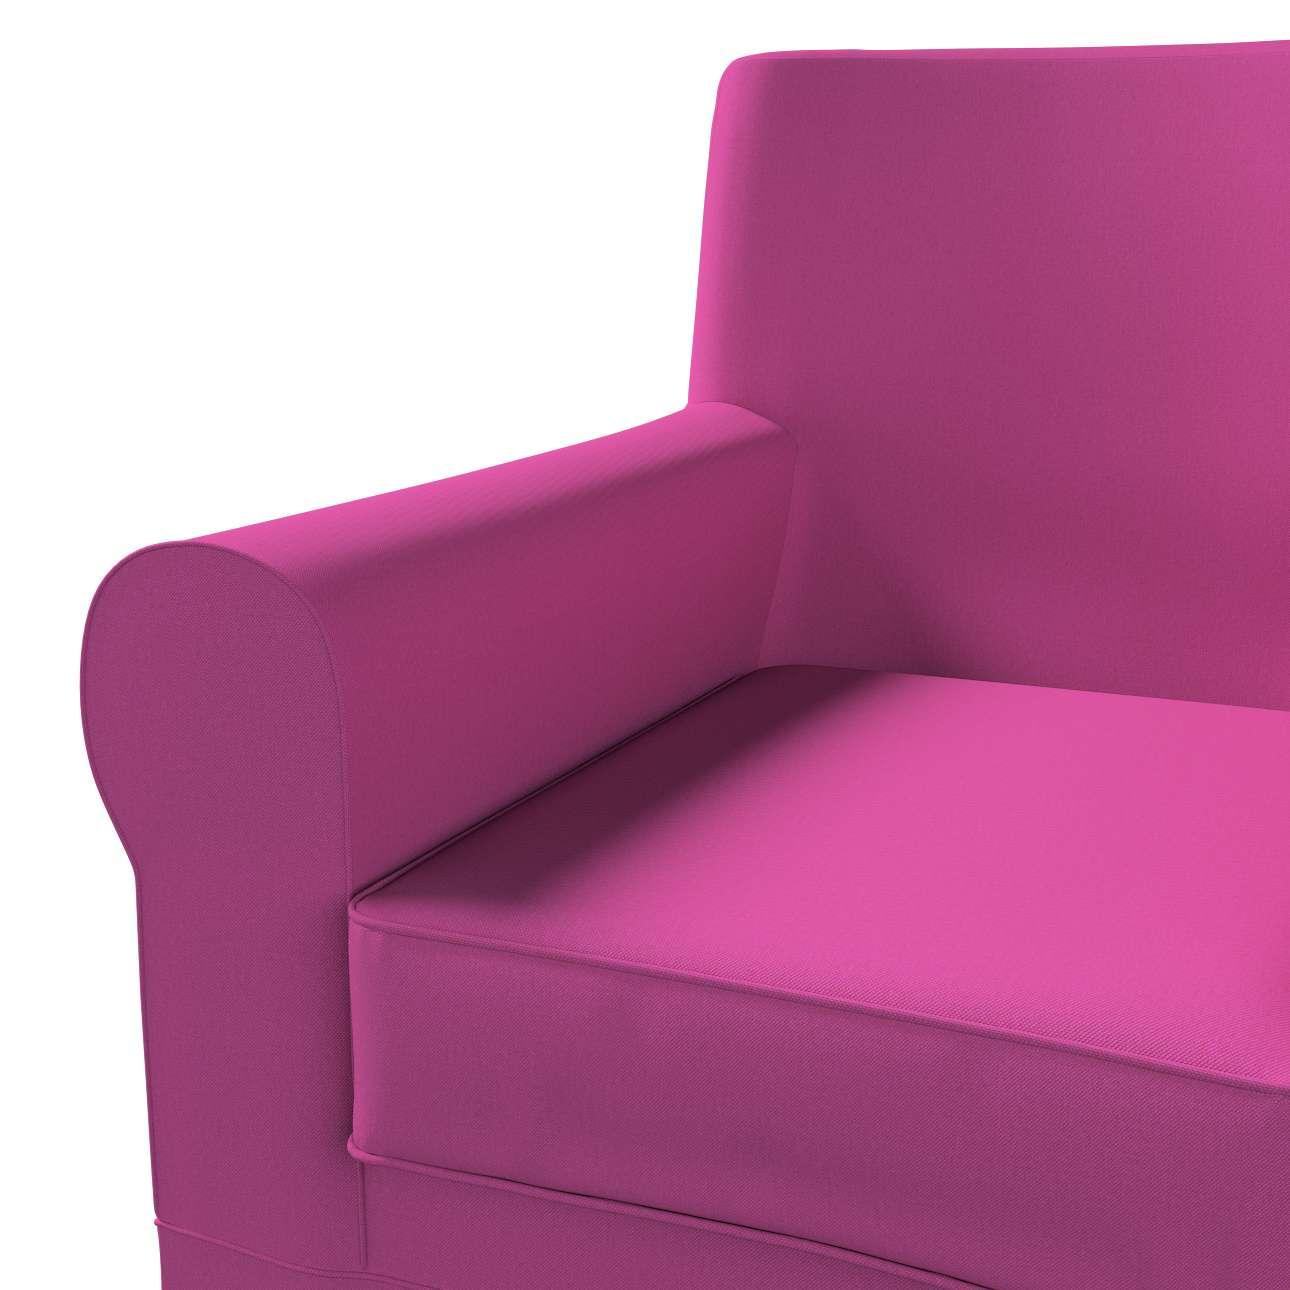 Pokrowiec na fotel Ektorp Jennylund w kolekcji Etna, tkanina: 705-23